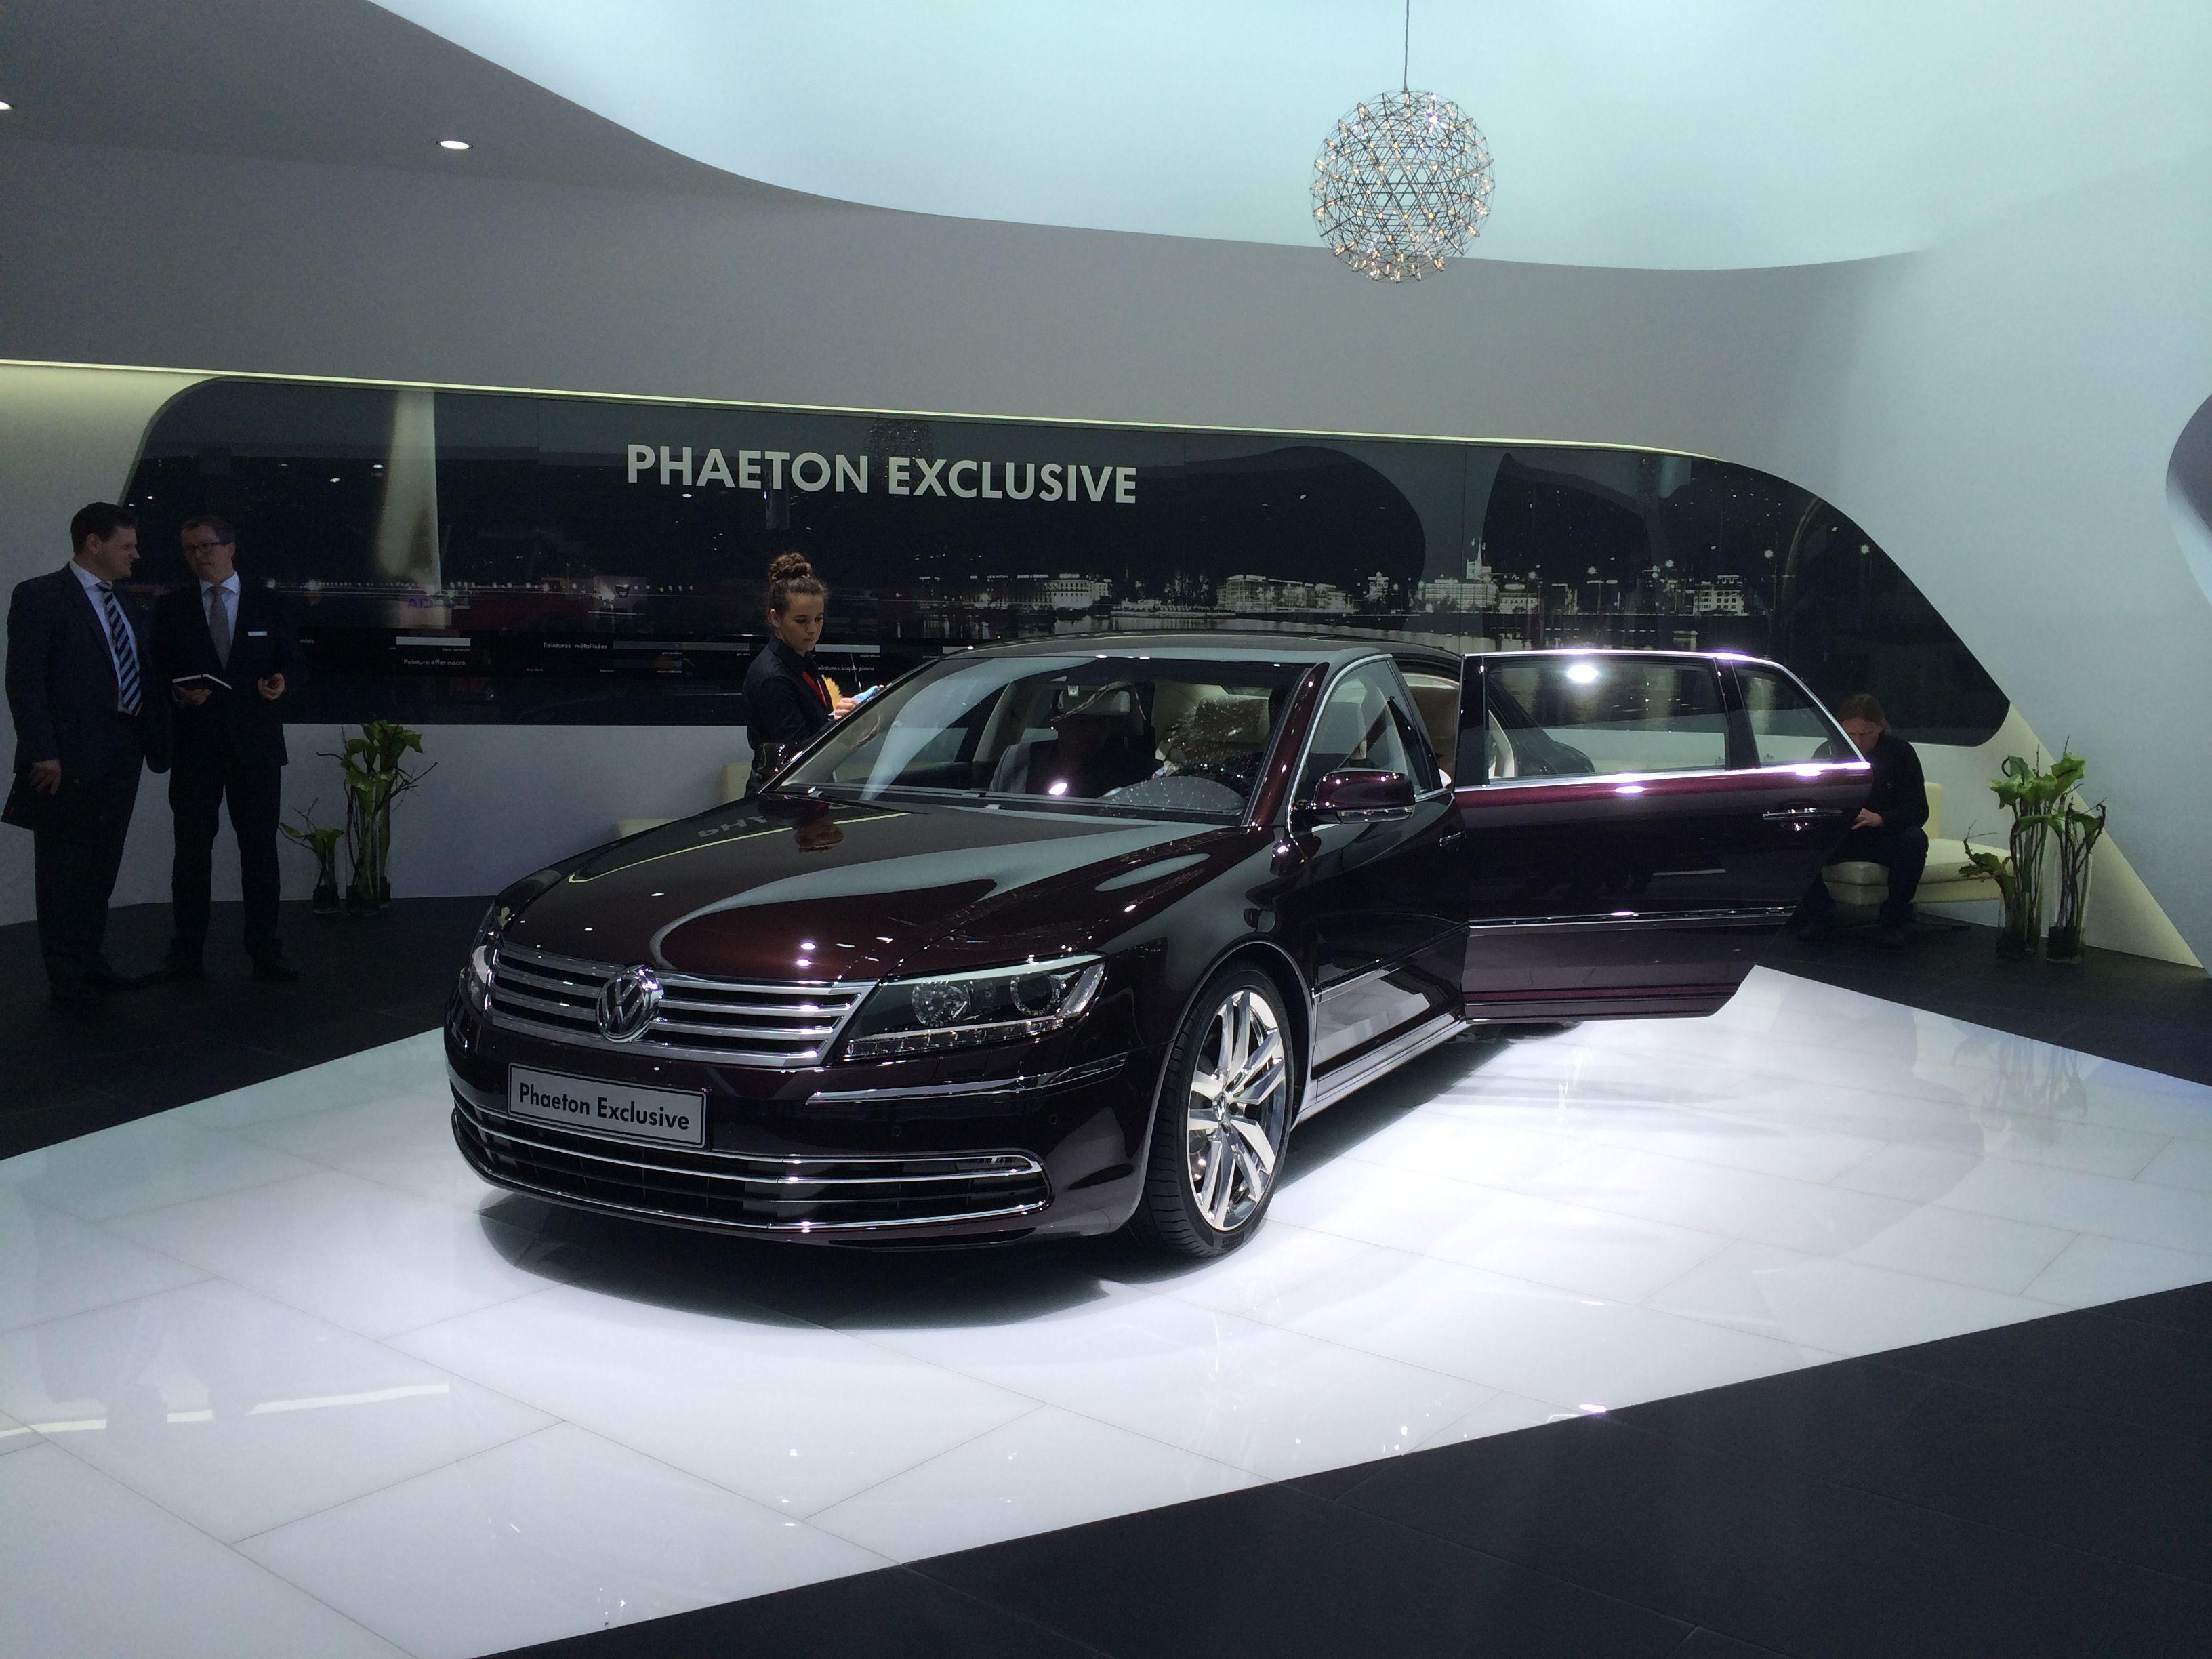 VW prøver stadig med Phaeton. Med med det lille hjørne af udstillingen den havde fået, så tror VW vist ikke en gang selv på den model længere...